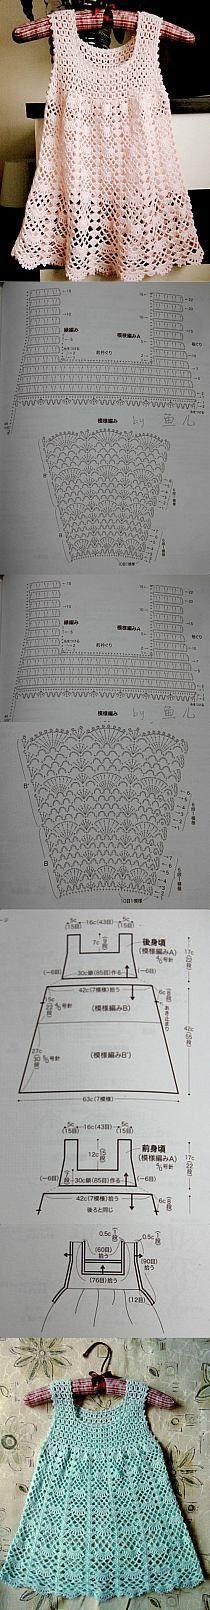 OFICINA DO BARRADO: Croche - B